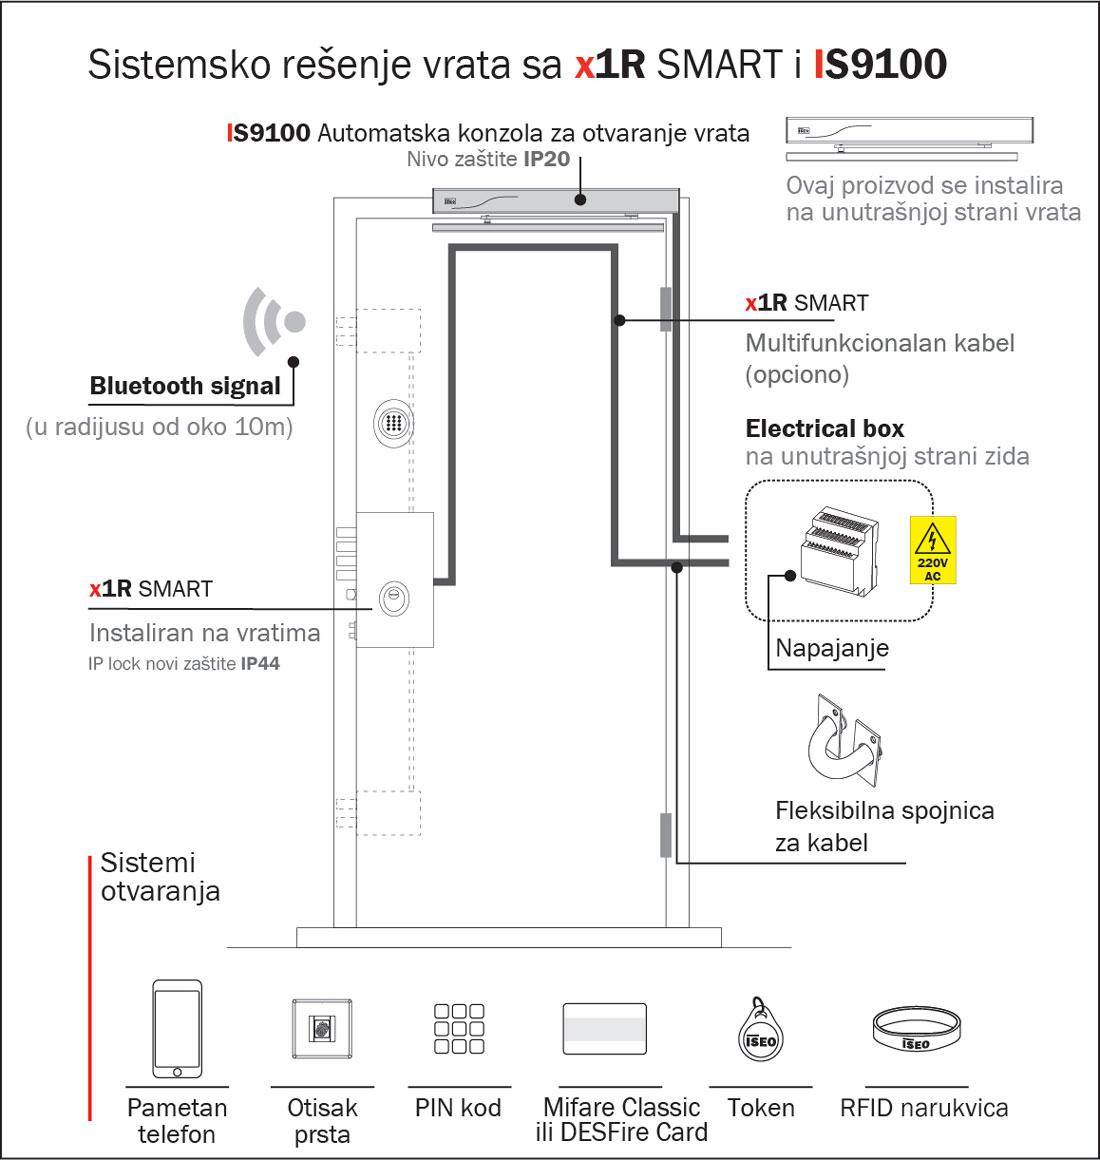 Sistemsko rešenje vrata sa x1R SMART i IS9100